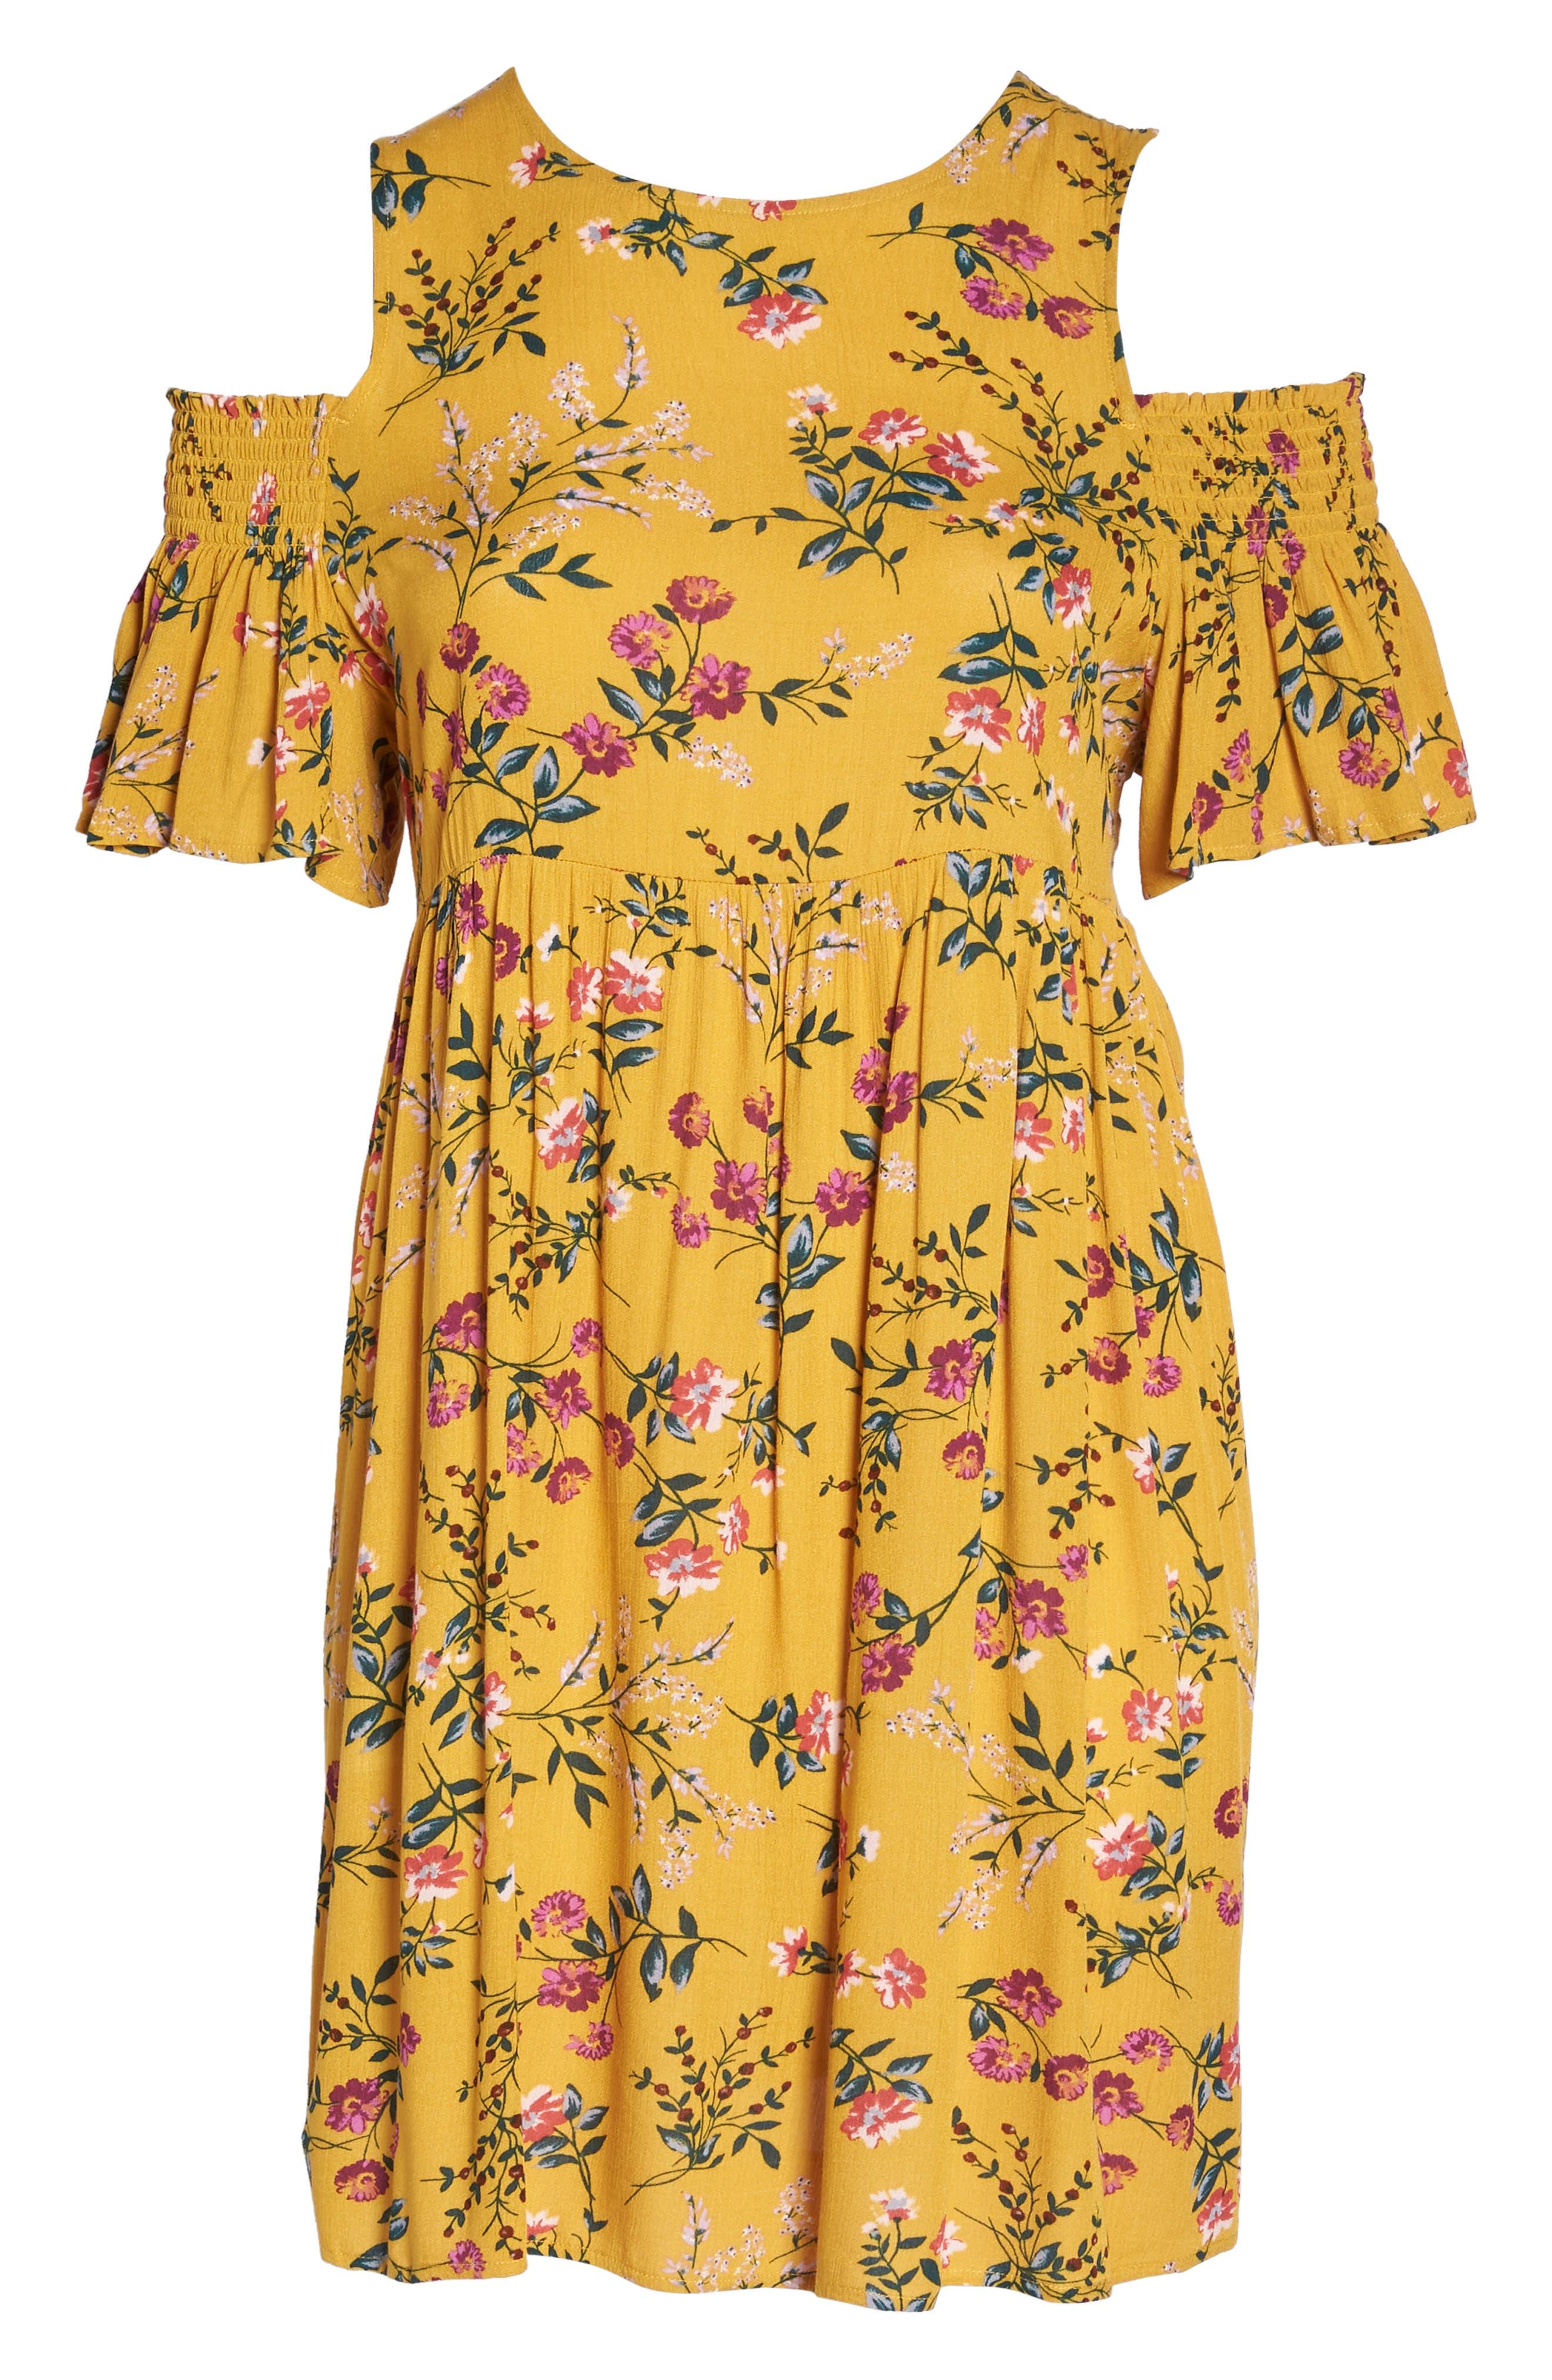 Floral Smocked Cold Shoulder Dress,                             Alternate thumbnail 7, color,                             Mustard Multi Floral